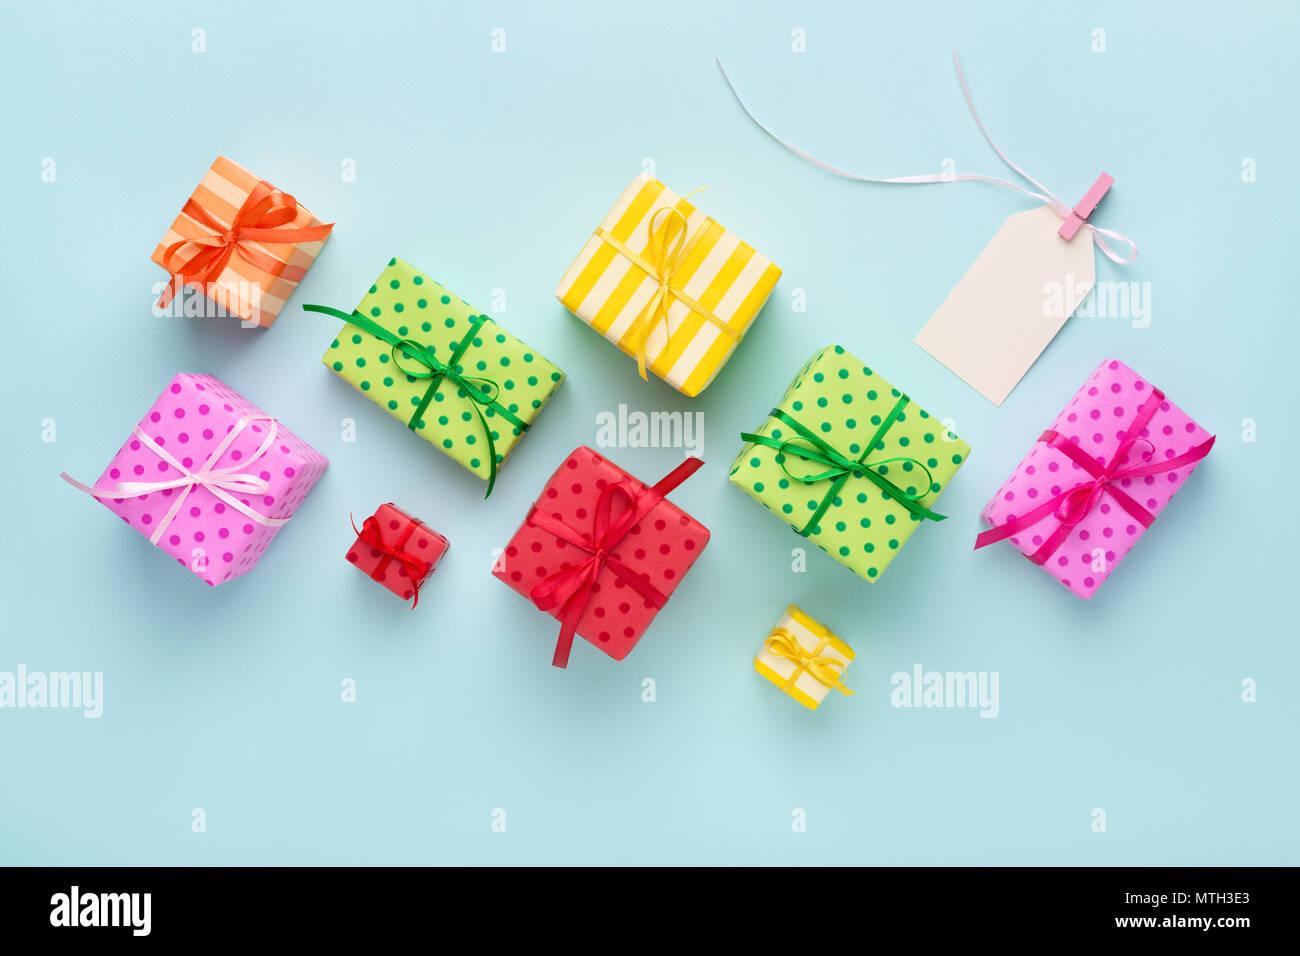 Urlaub Bunte Geschenkboxen Und Leerer Geschenkanhanger Mit Einem